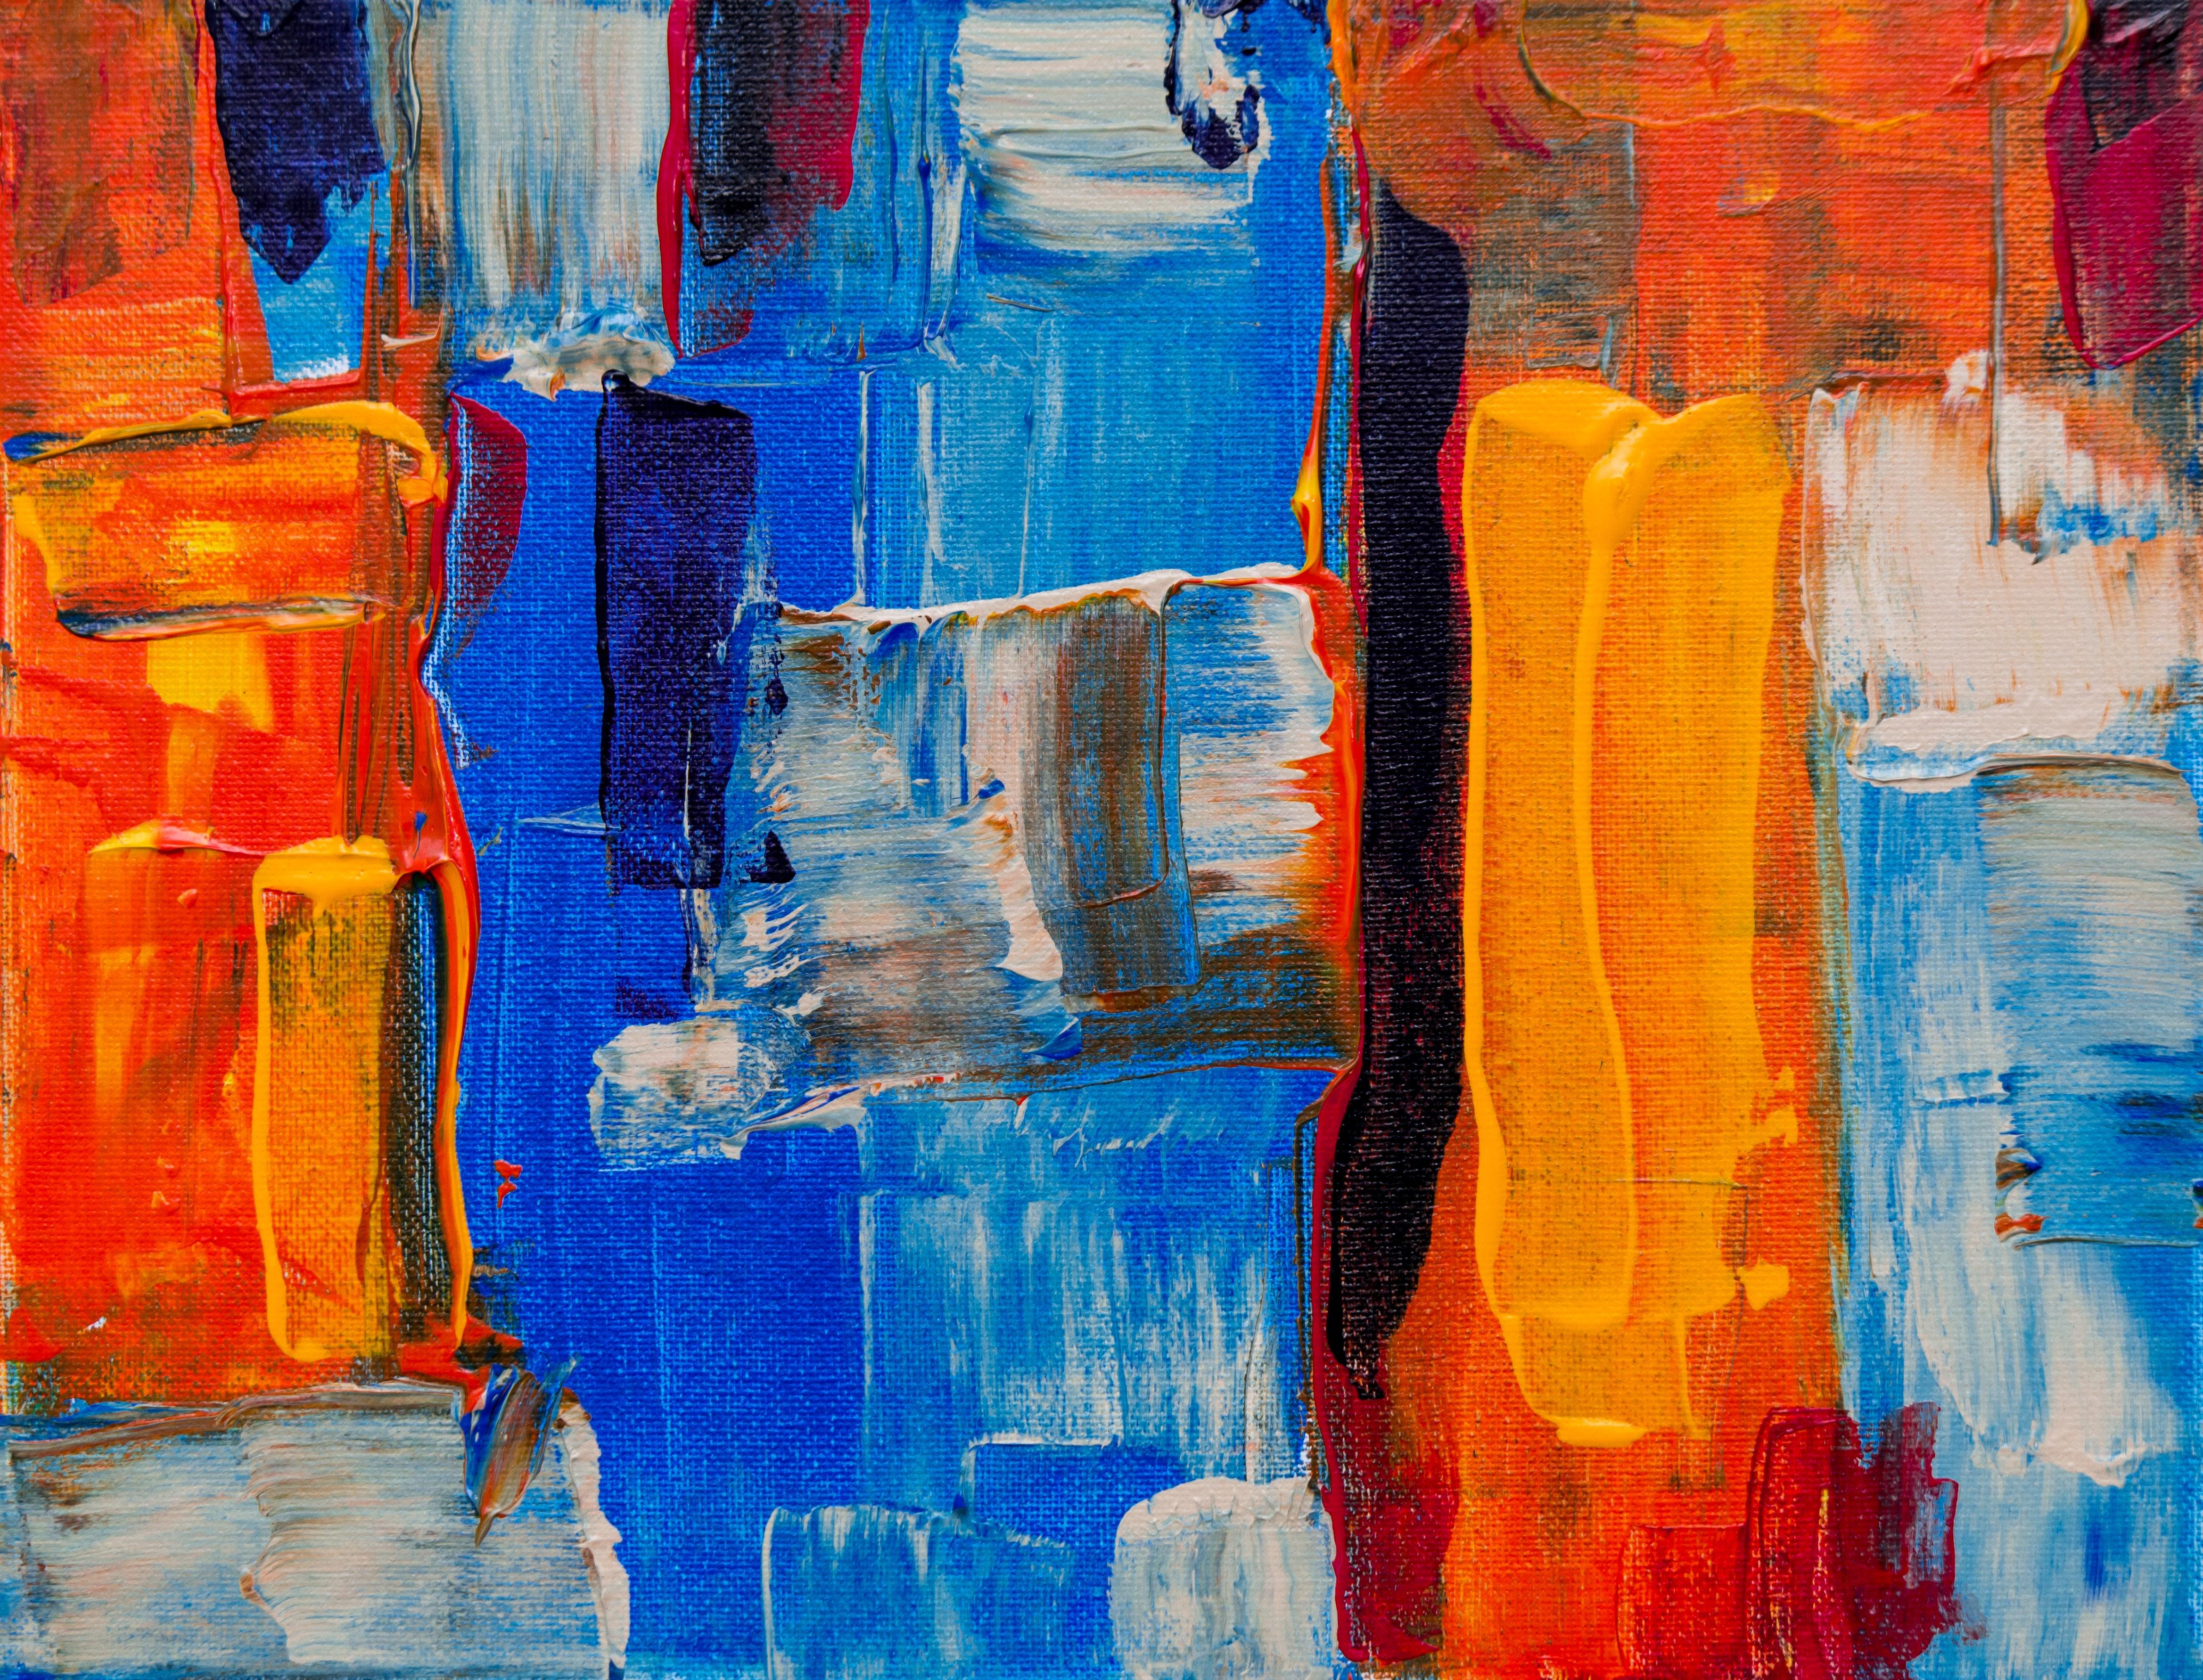 Vaak Gratis stockfoto van abstract expressionisme, abstract schilderij @RH08